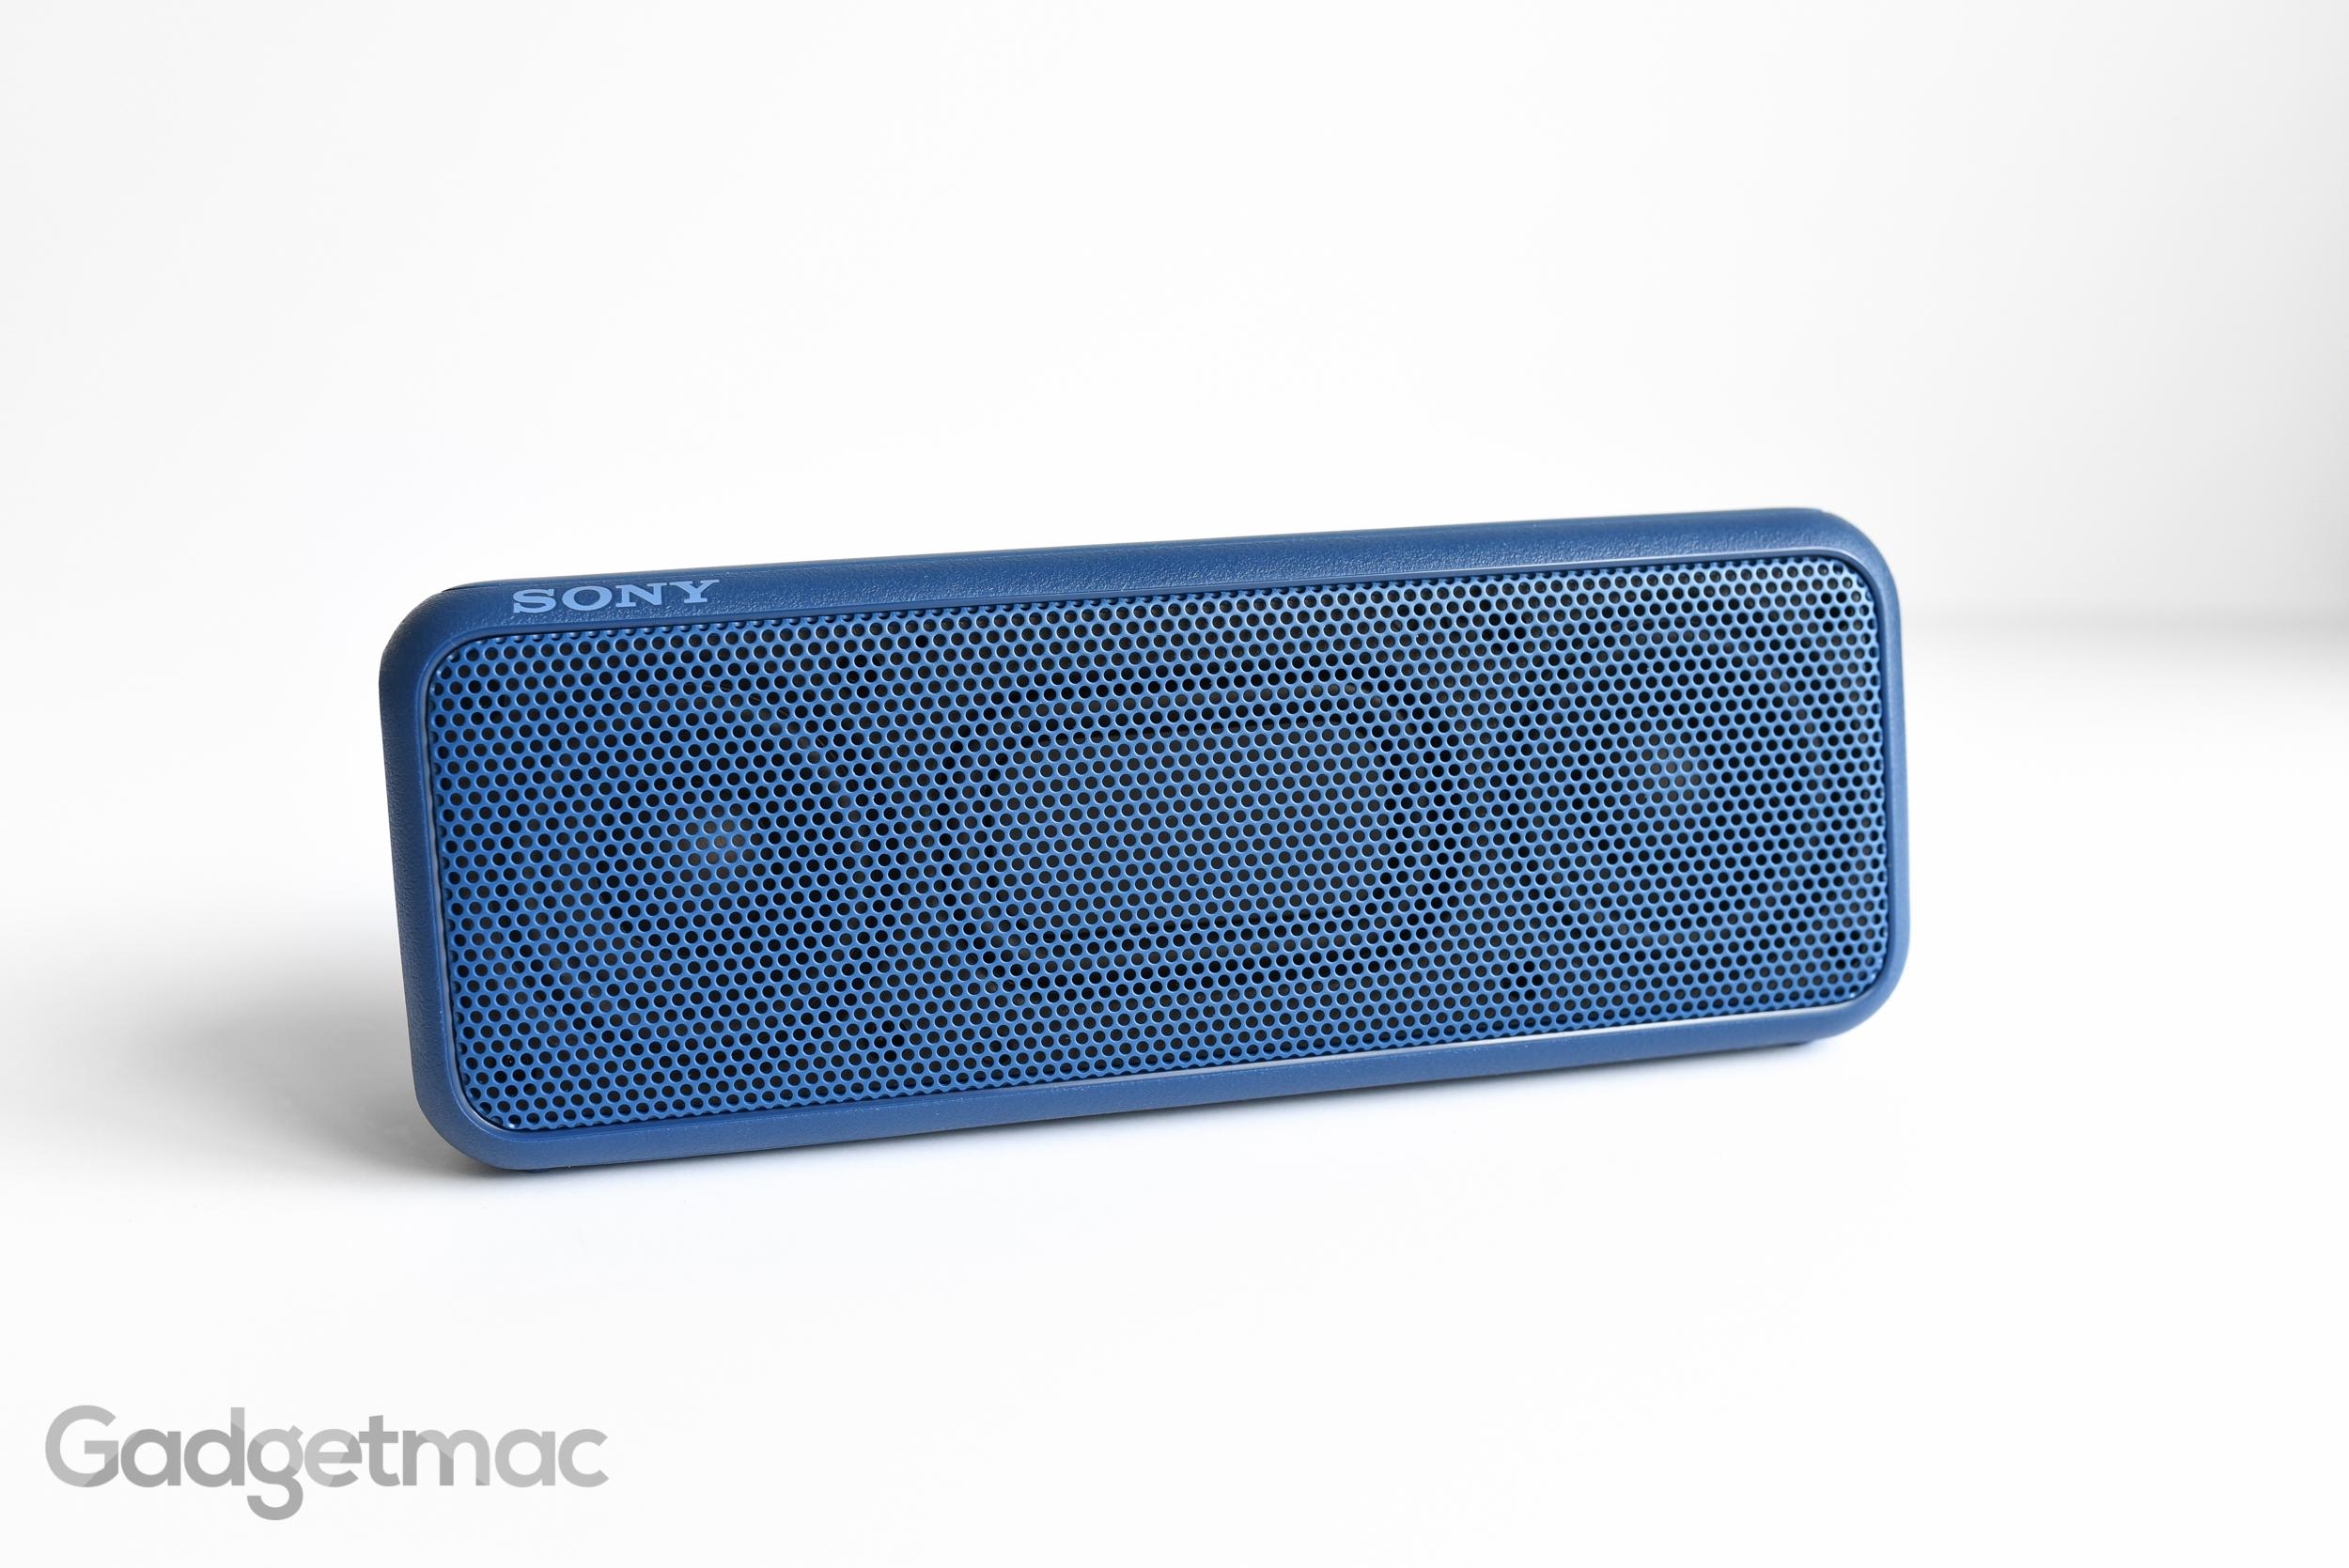 sony-srs-xb3-portable-wireless-speaker-front.jpg